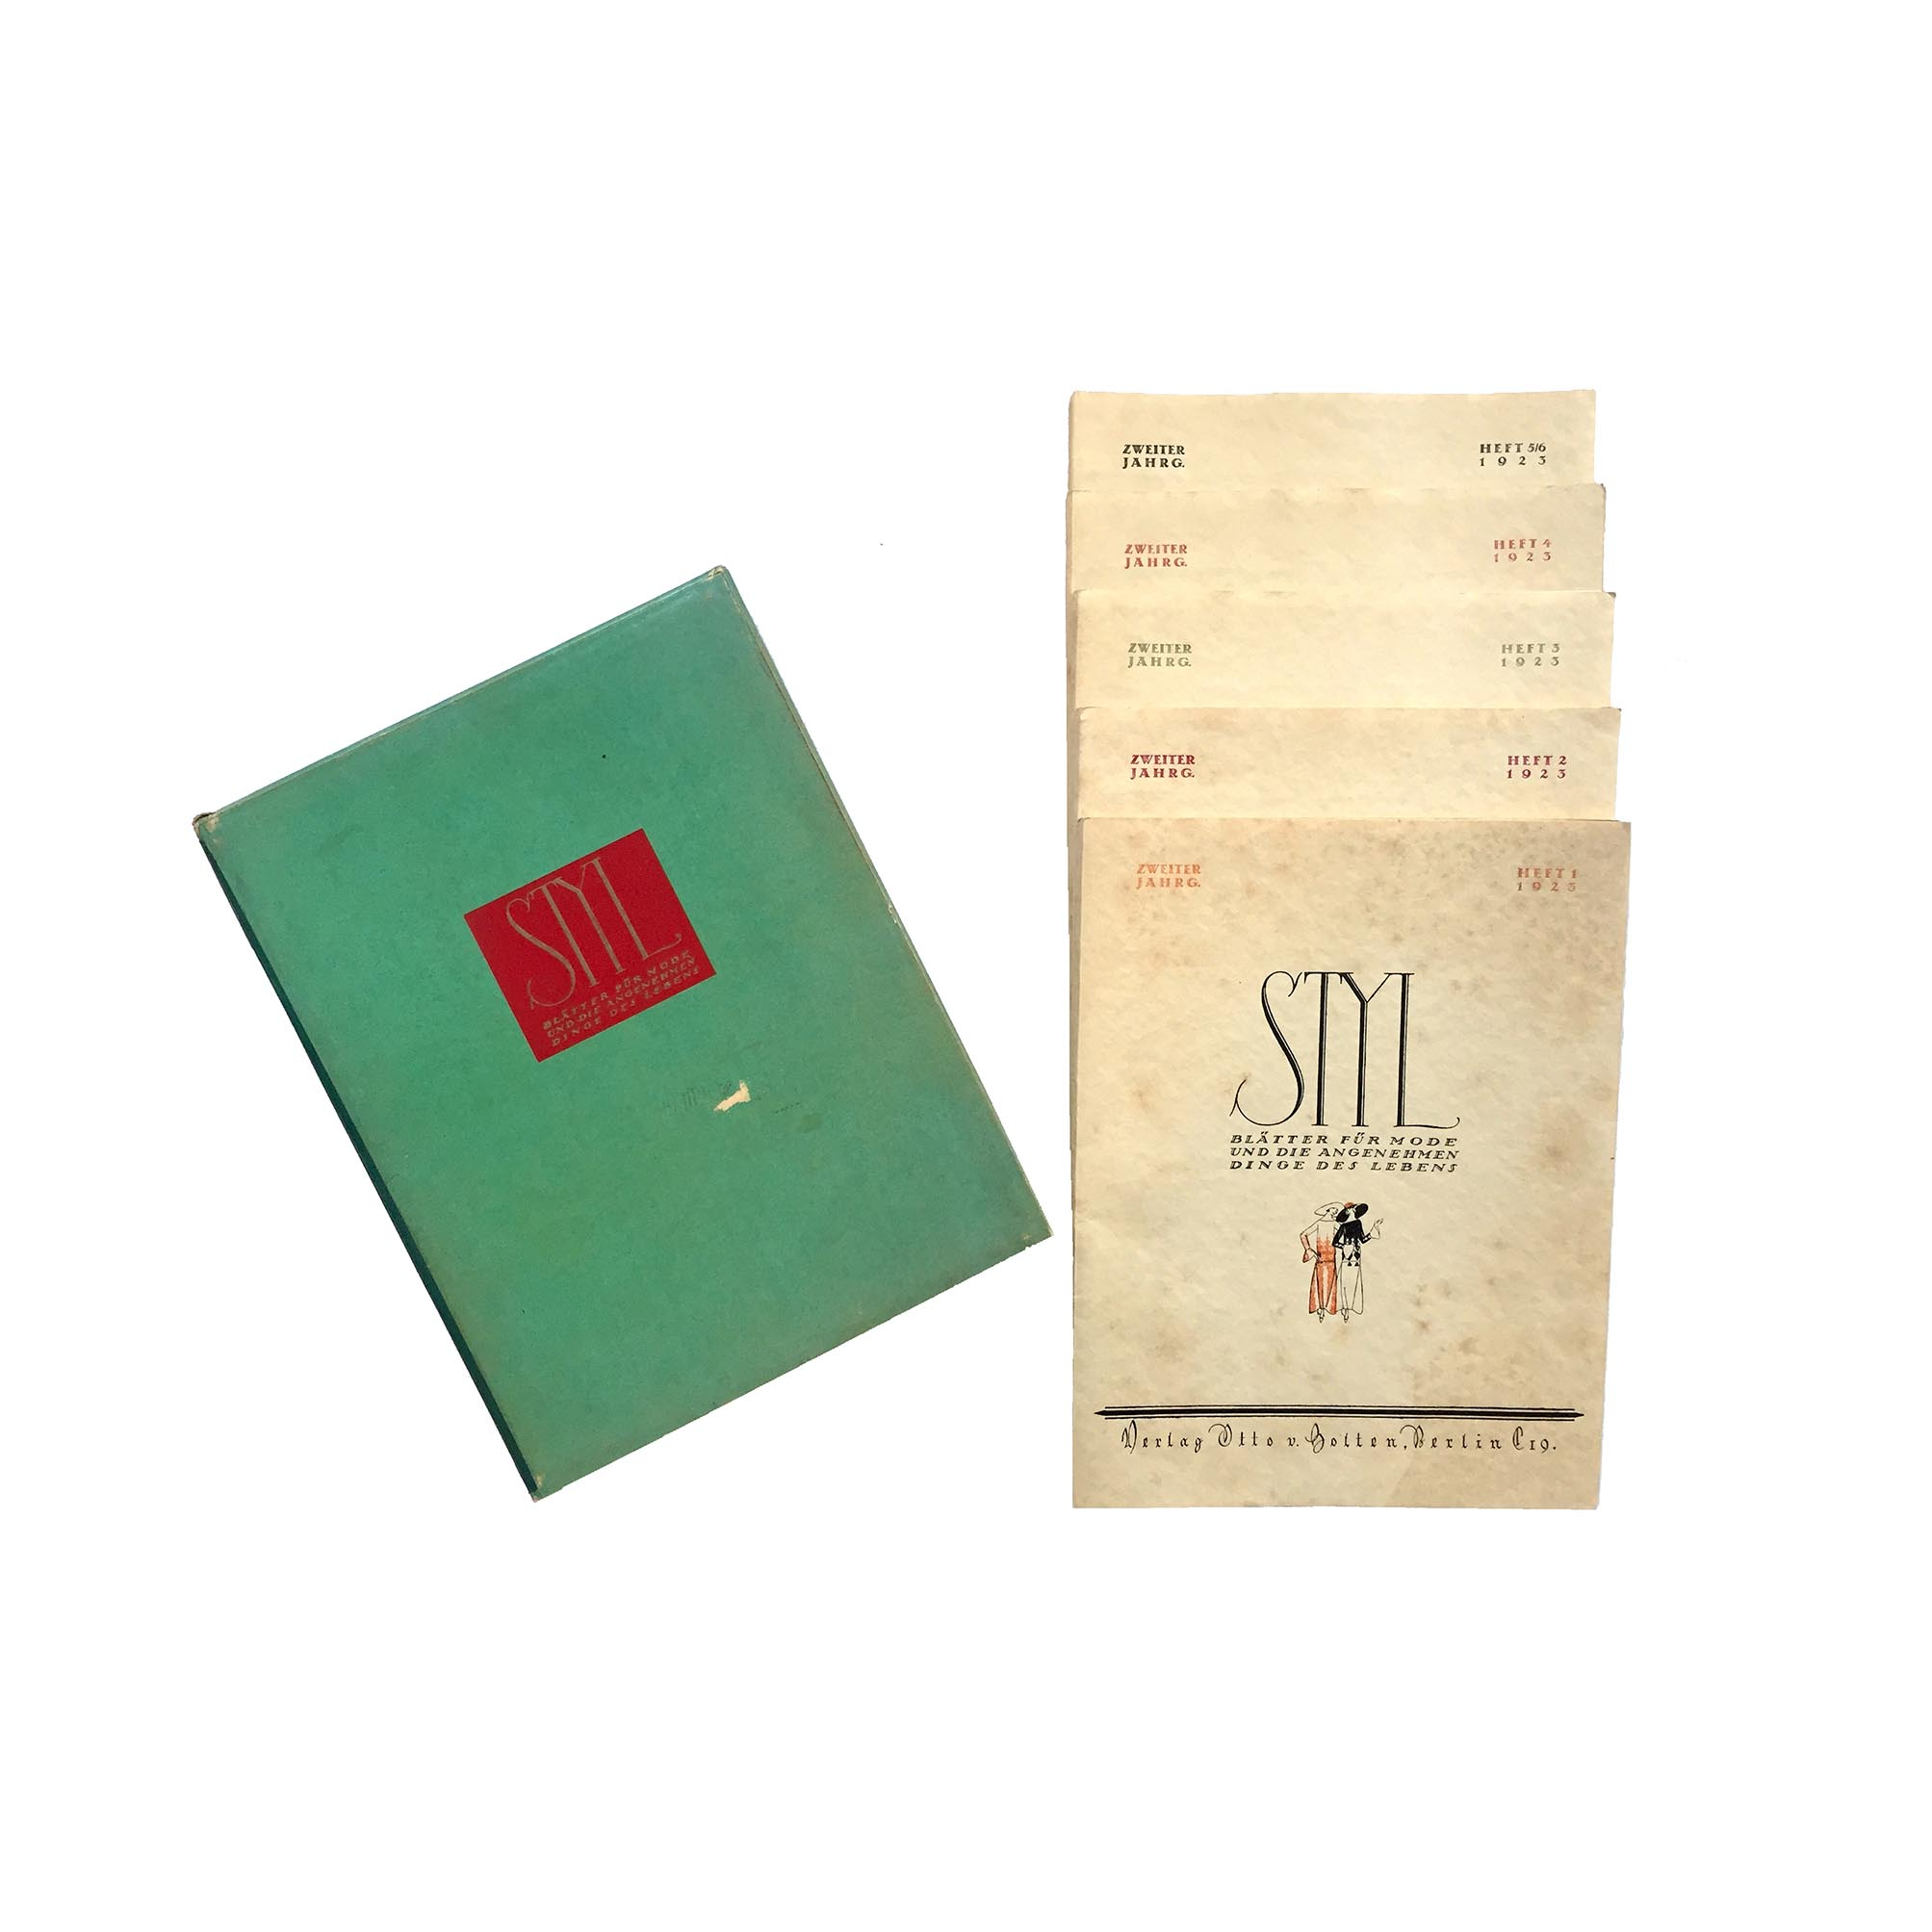 5787-Styl-II-1924-Clamshell-Covers-free-N.jpg